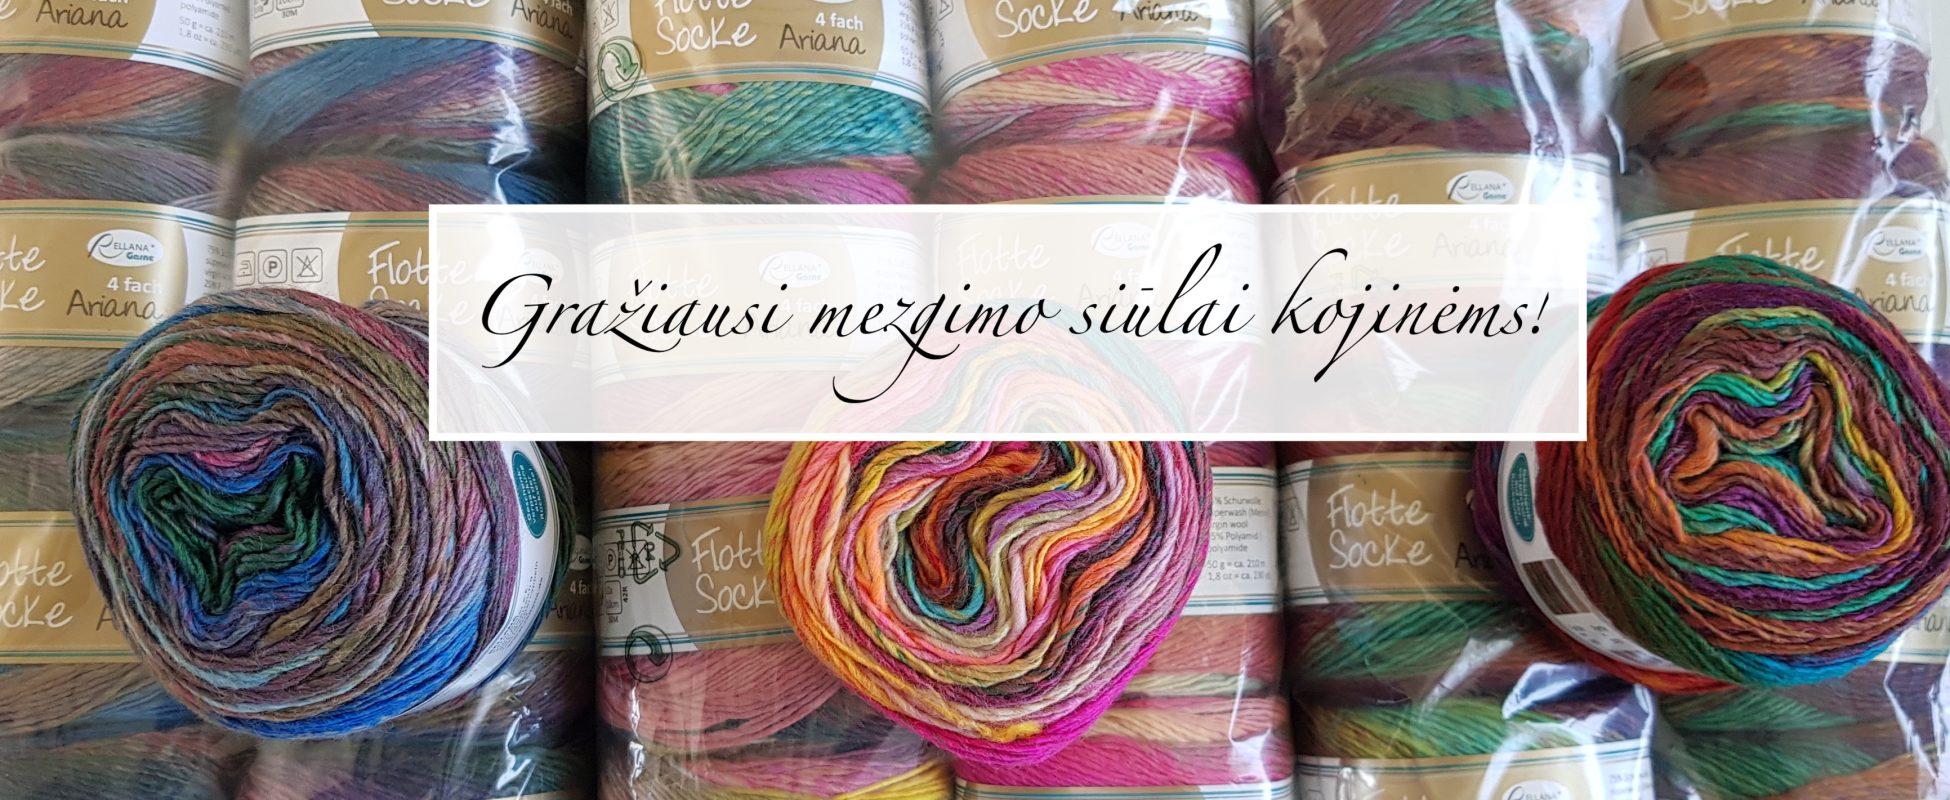 Mezgimo siūlai kojinėms